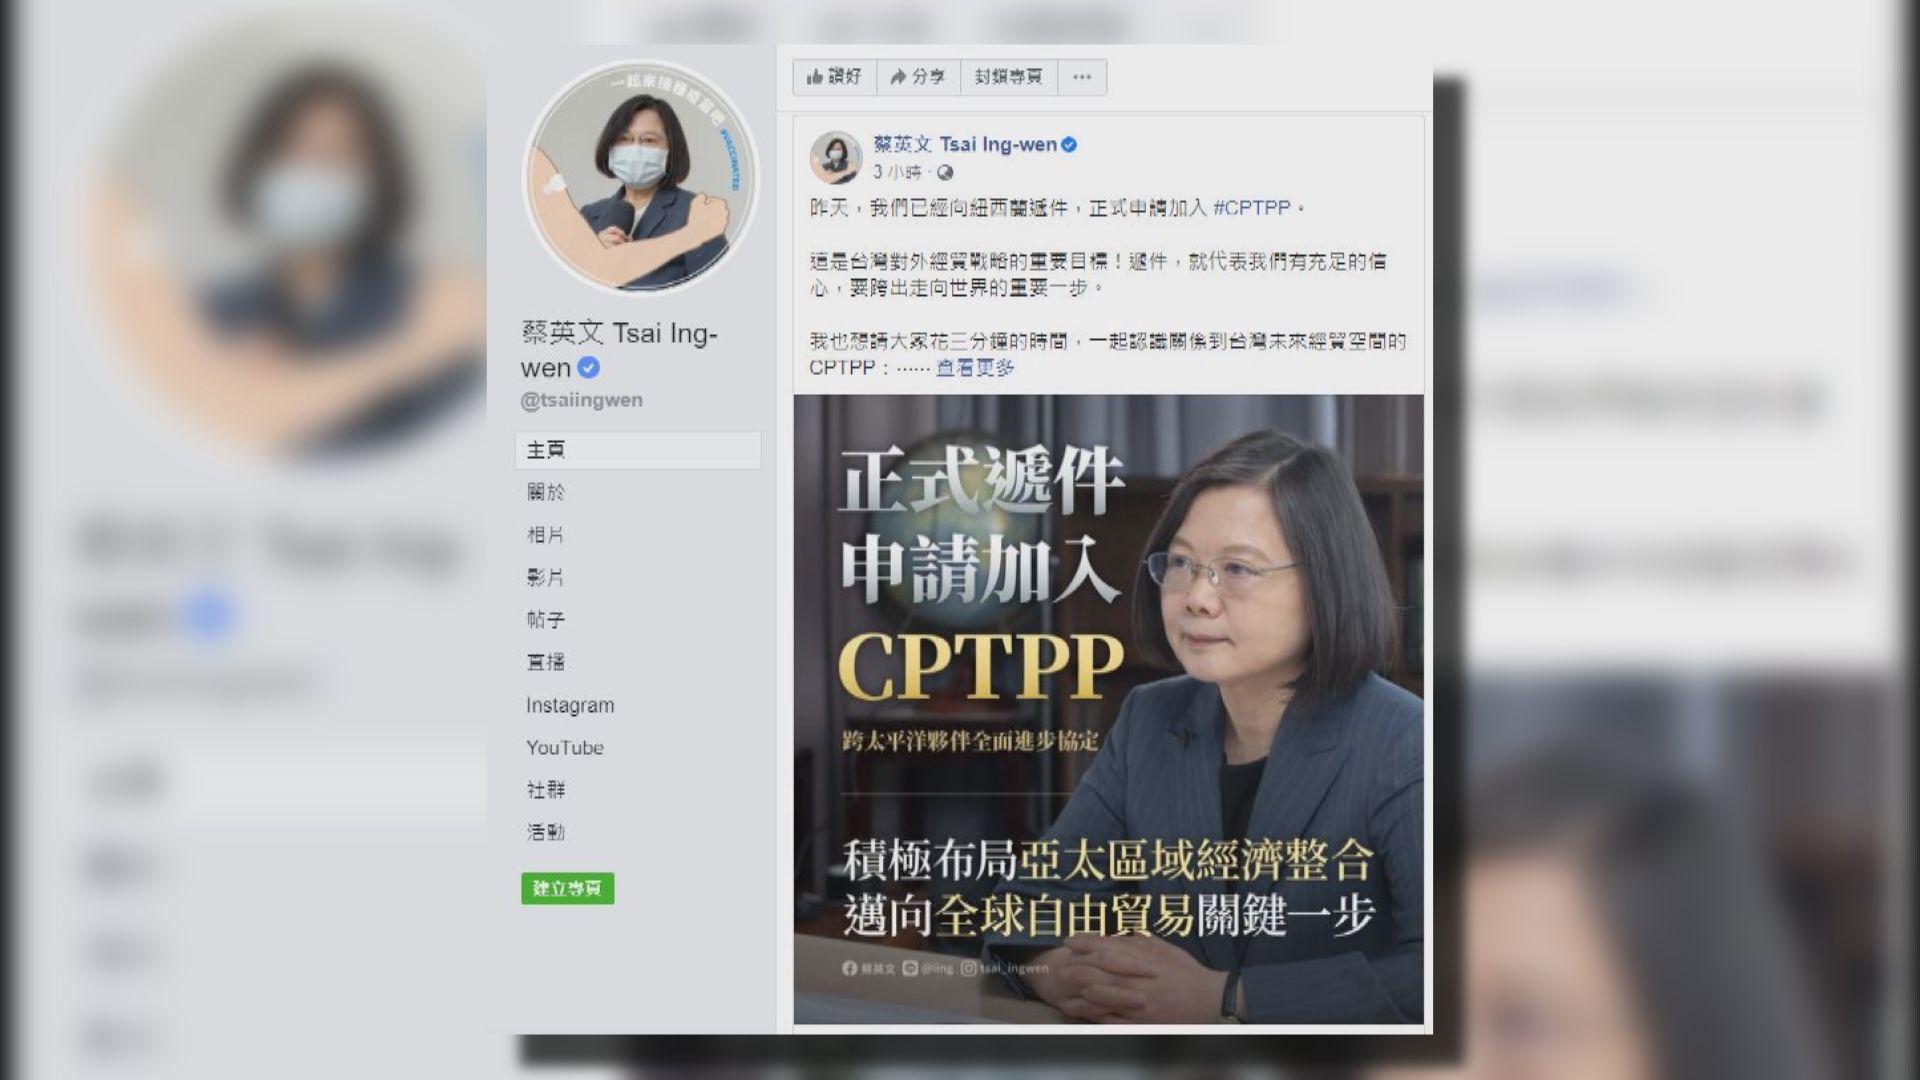 台灣申請加入CPTPP 北京冀有關國家不為台獨行徑提供便利